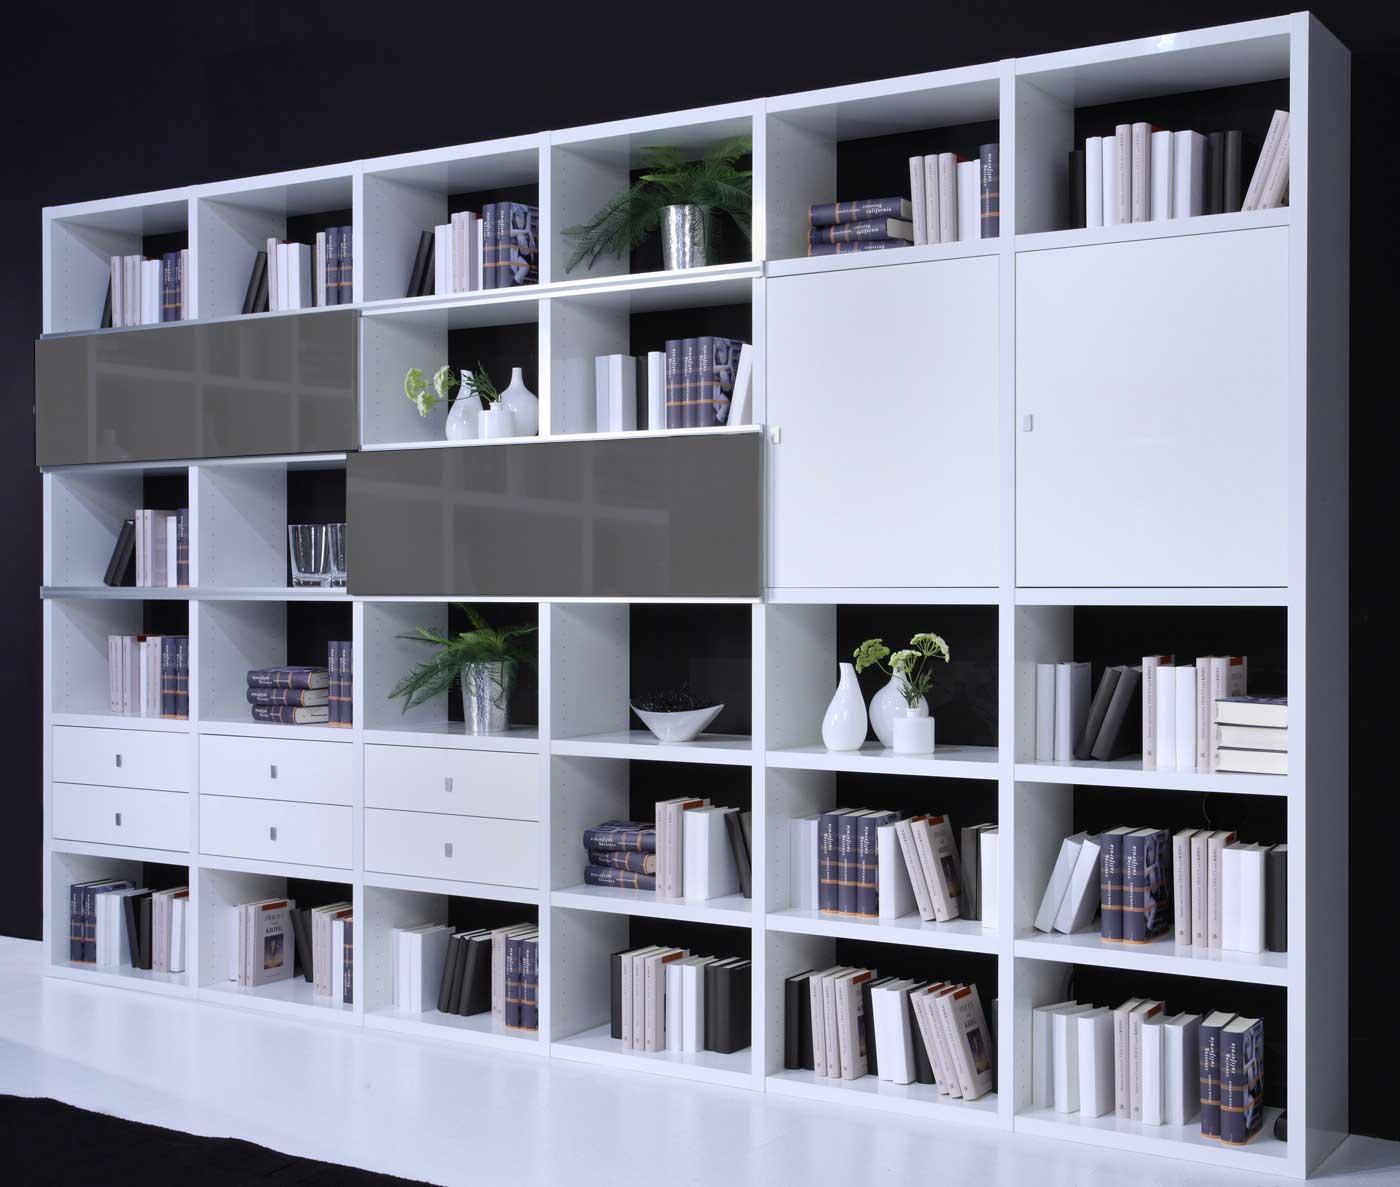 Toro Wohnzimmer Regal weiß Hochglanz mit Türen und Schubladen